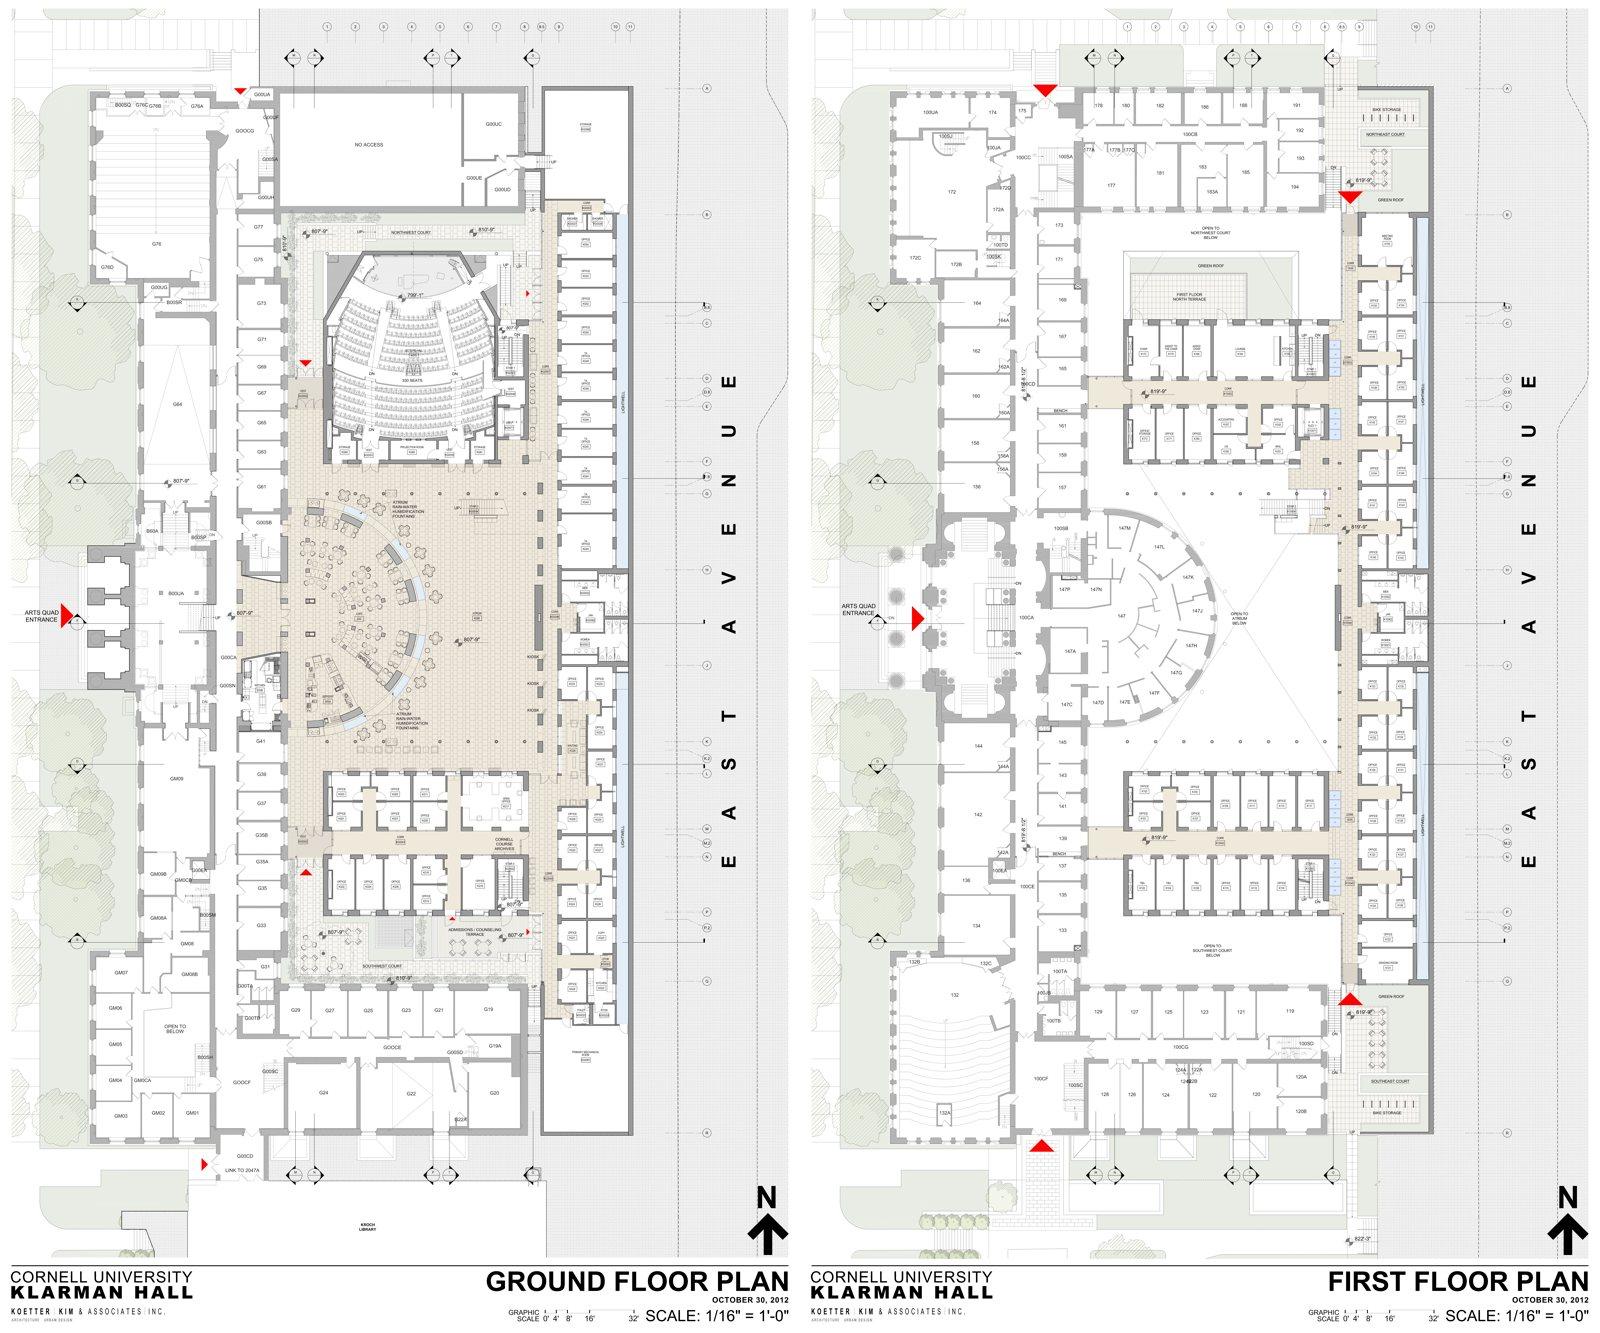 klarman-hall-floor-plans-1